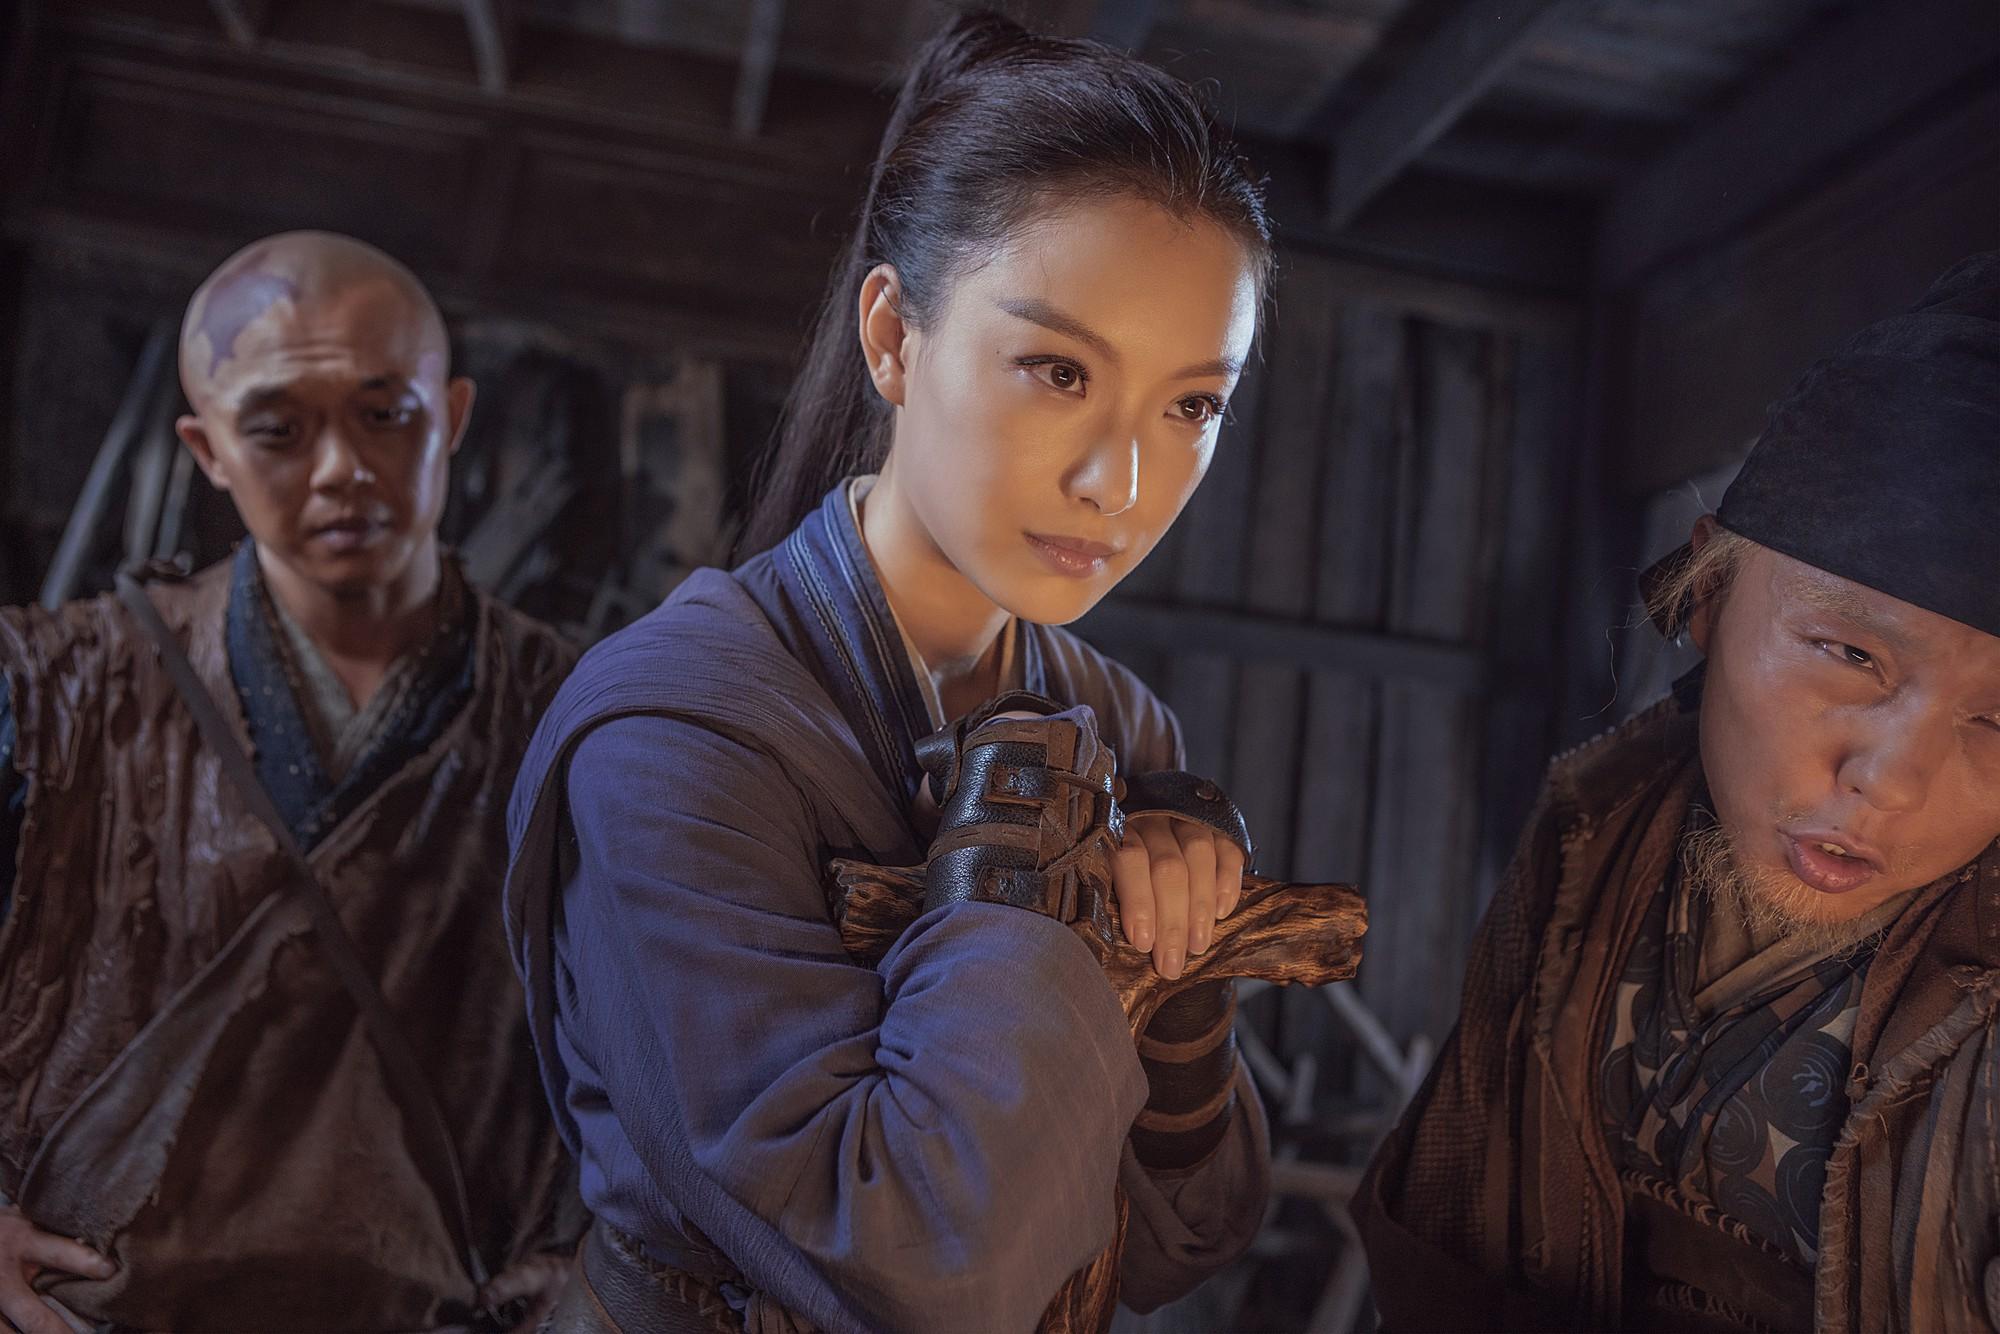 Ngũ Hiệp Trừ Yêu: Đã hiểu vì sao phim bị chê làm mất mặt Trung Quốc - Ảnh 2.